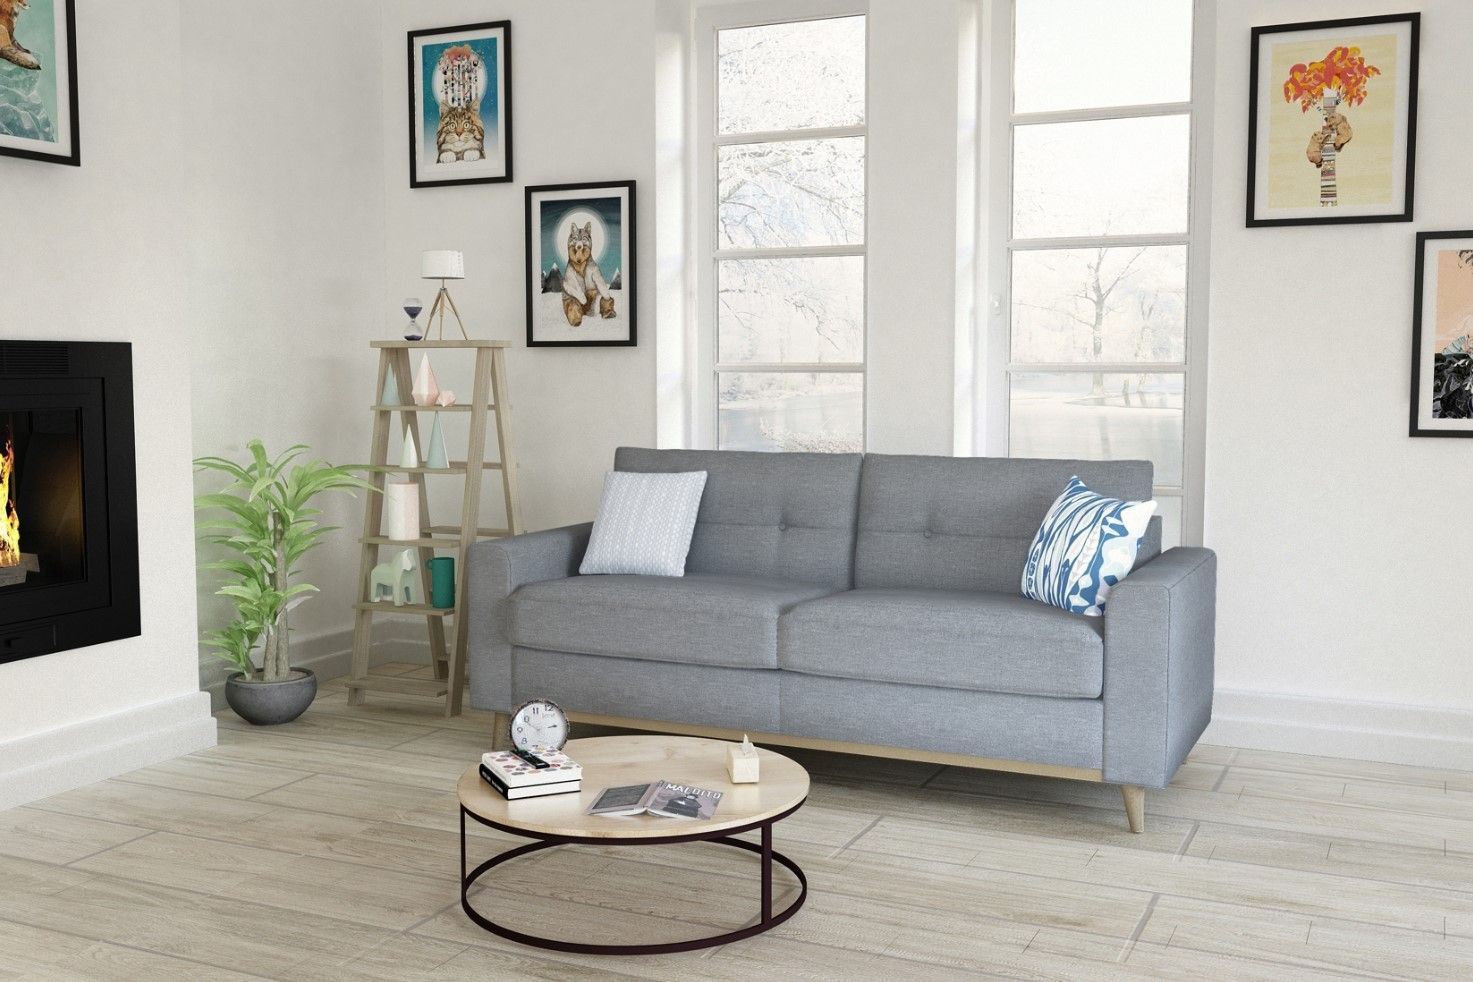 Canape 3 Places Convertible Shield Pas Cher Canape But Iziva Com Tissu Gris Mobilier De Salon Canape